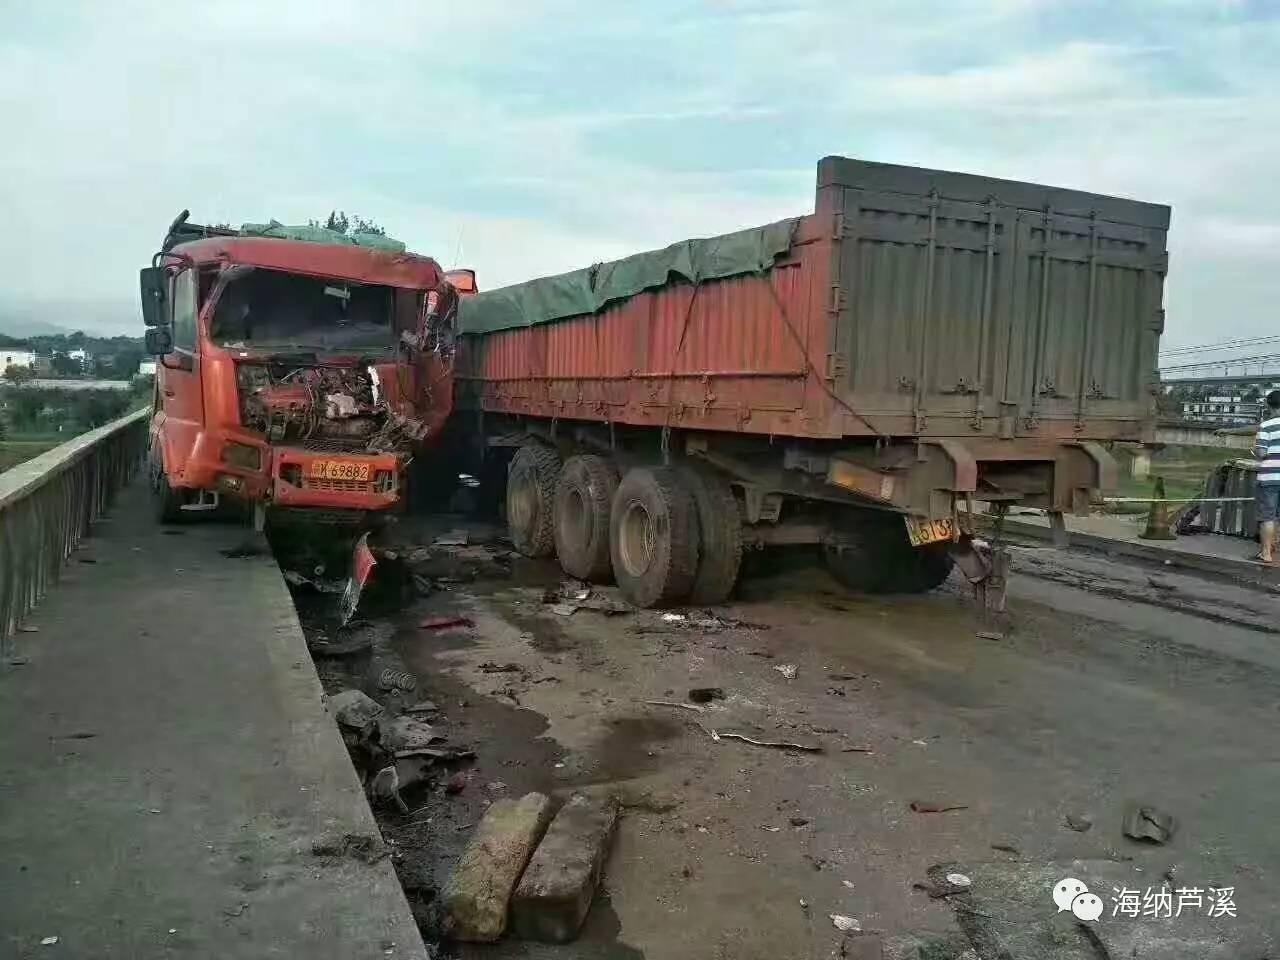 高速路上翻车 一家三口被困 过路公务员救援 鲜血染红了衣服